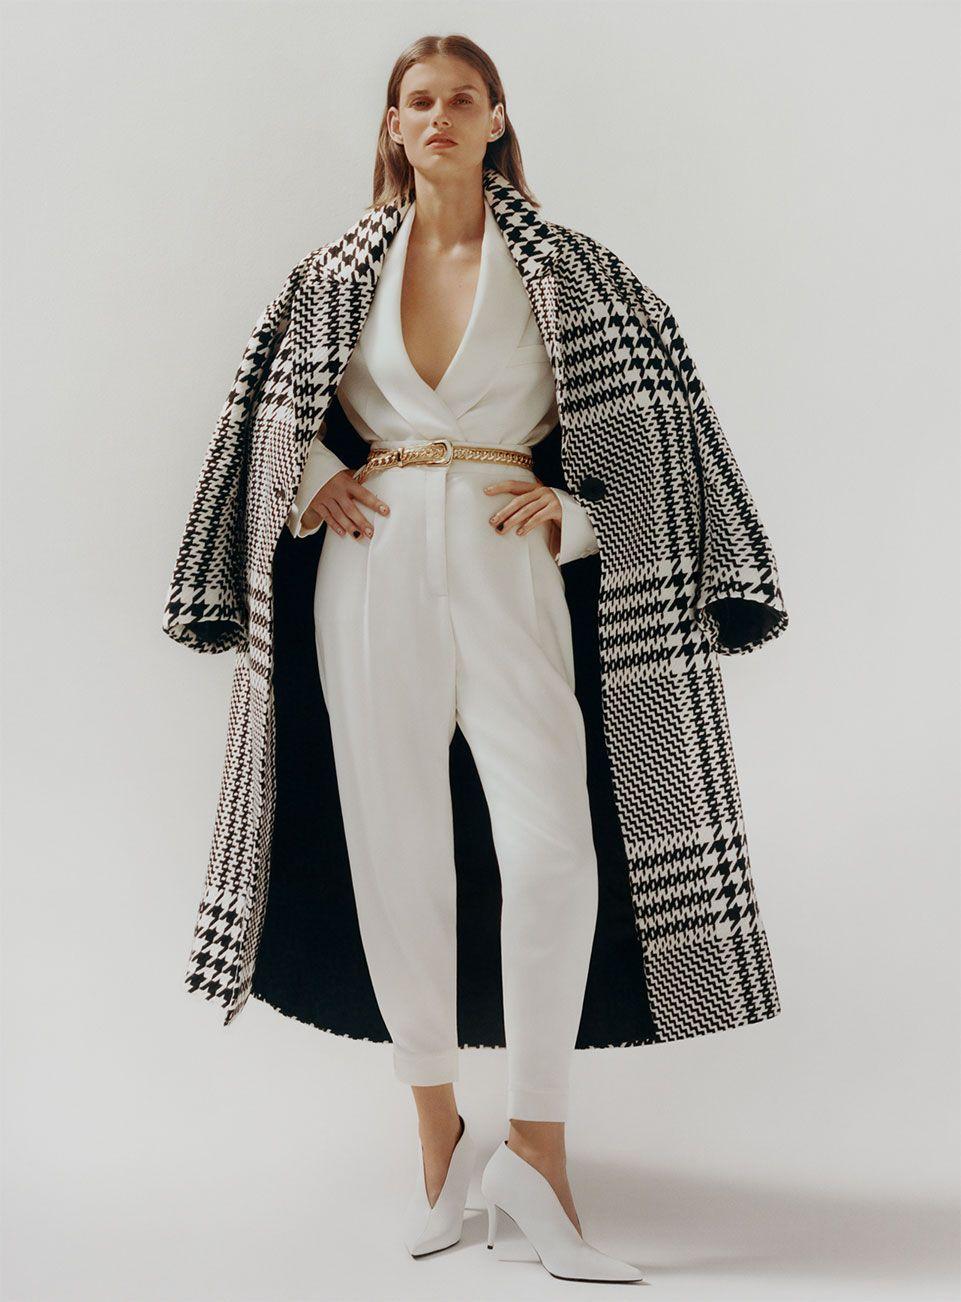 Ropa y accesorios de Zara para llevar las tendencias de otoño